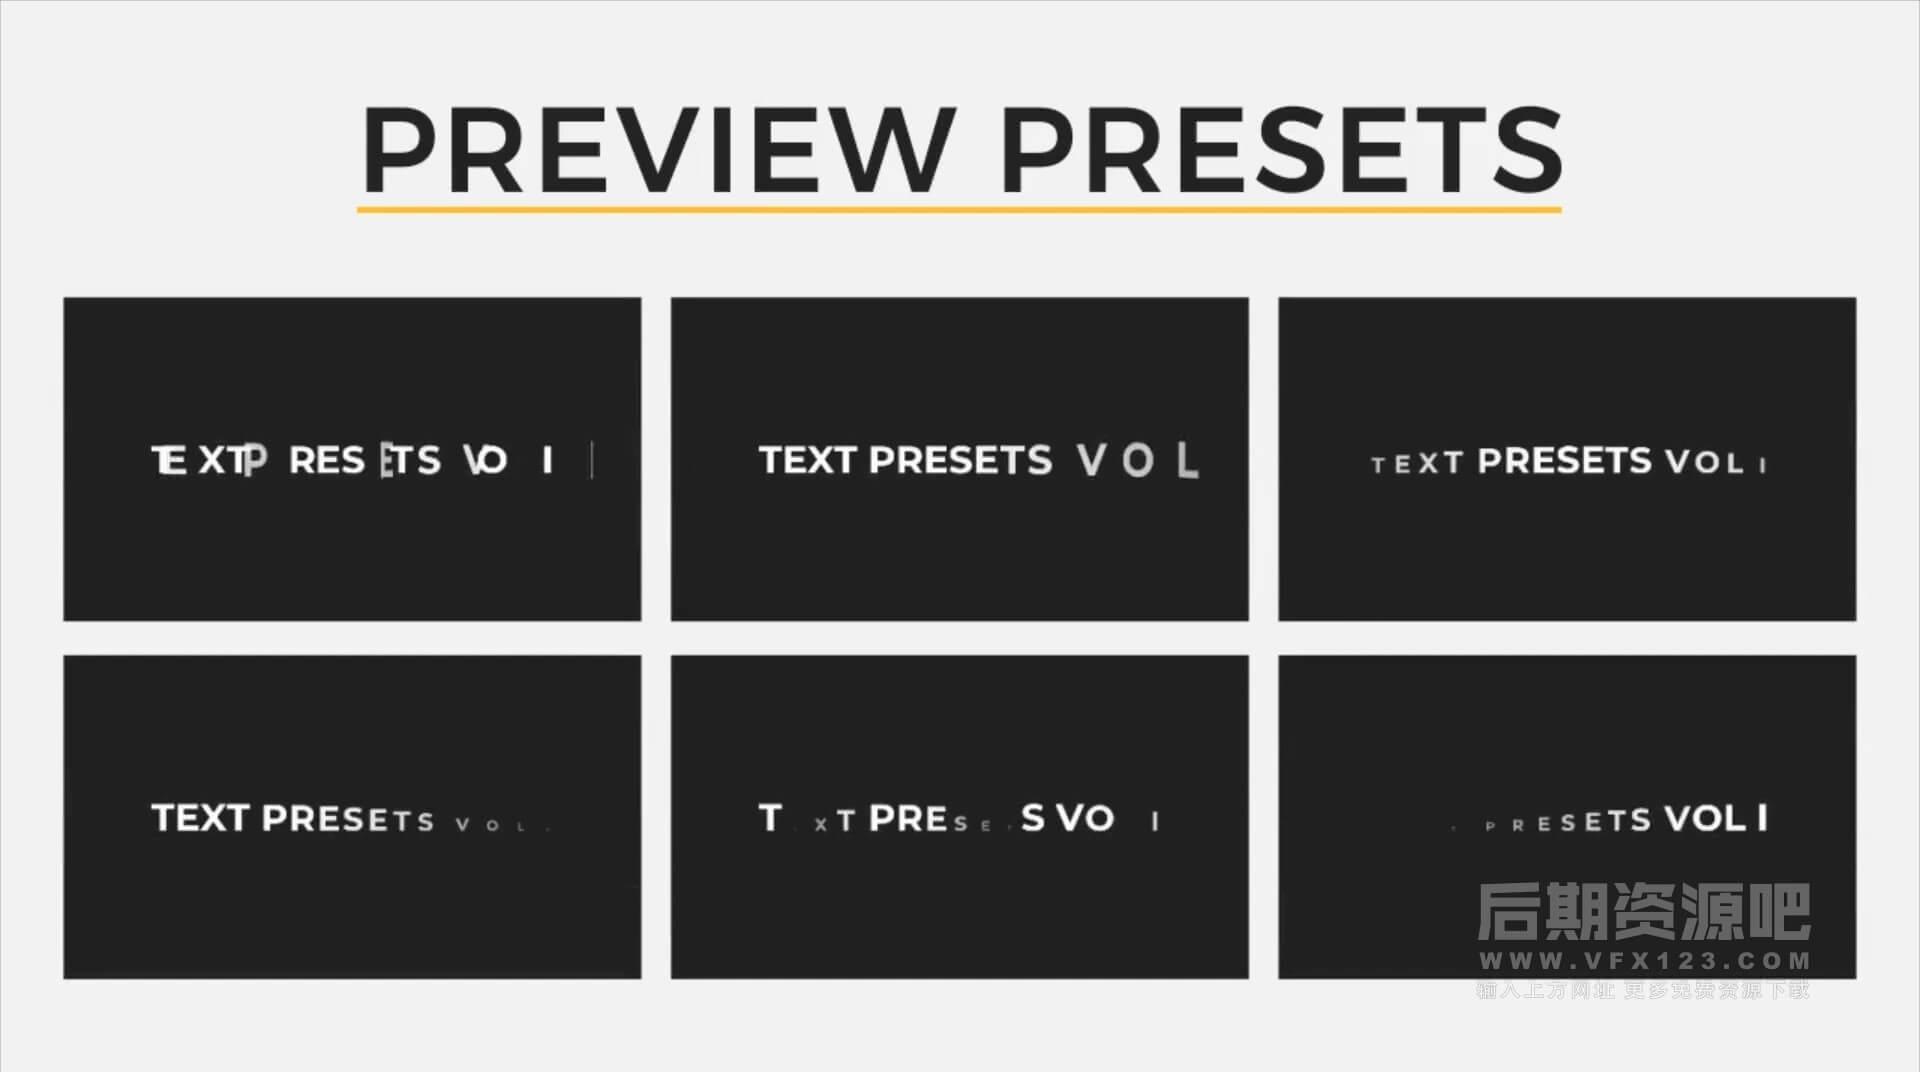 Fcpx字幕动画插件 30组简单实用文字标题动画预设 第一季